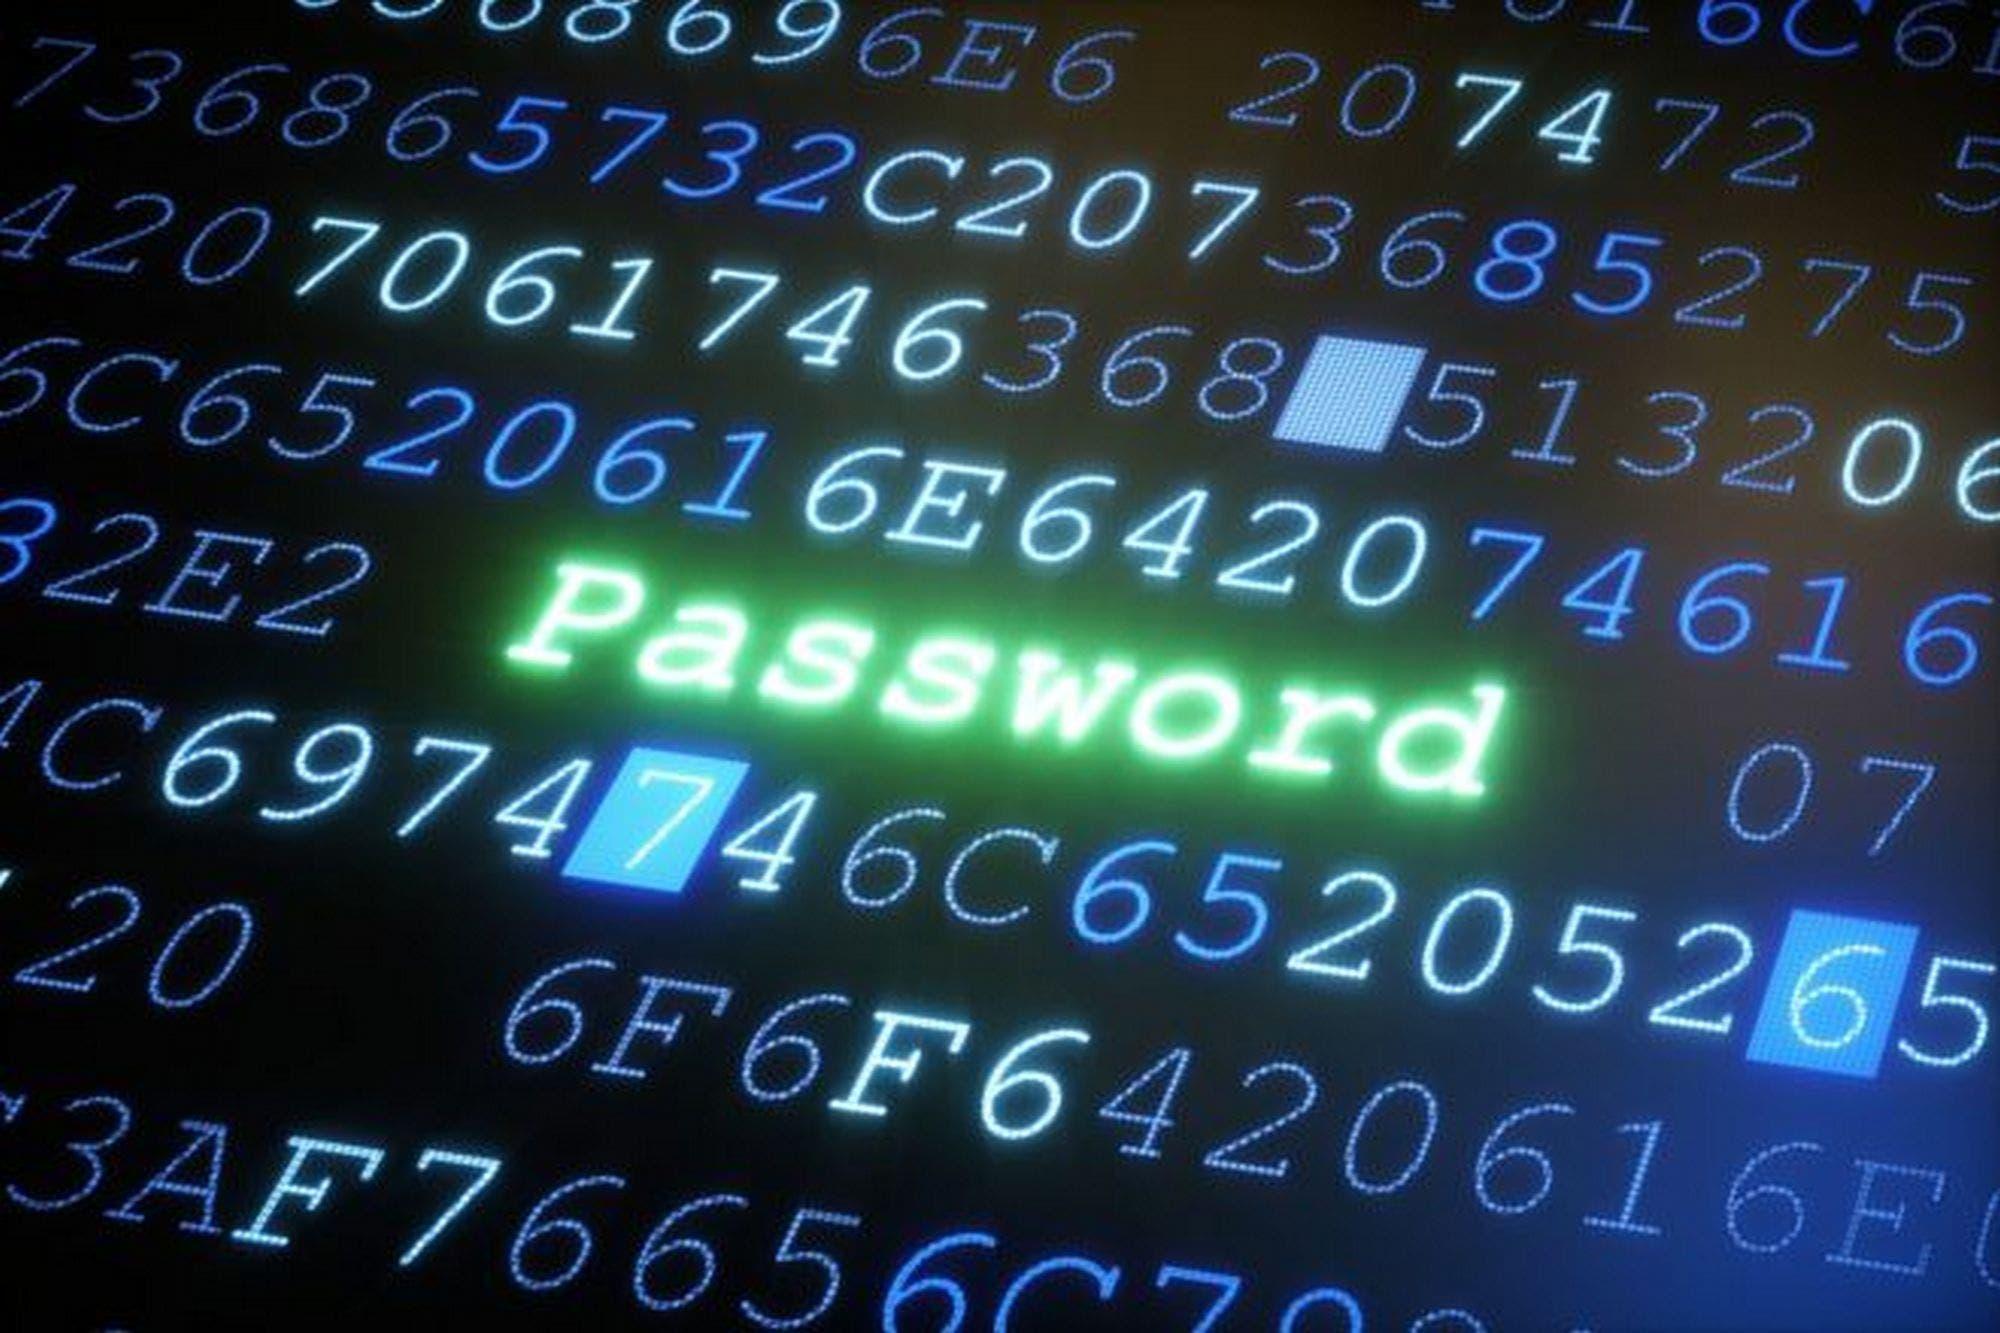 Cómo usar Google para saber si tus contraseñas son seguras o si fueron hackeadas